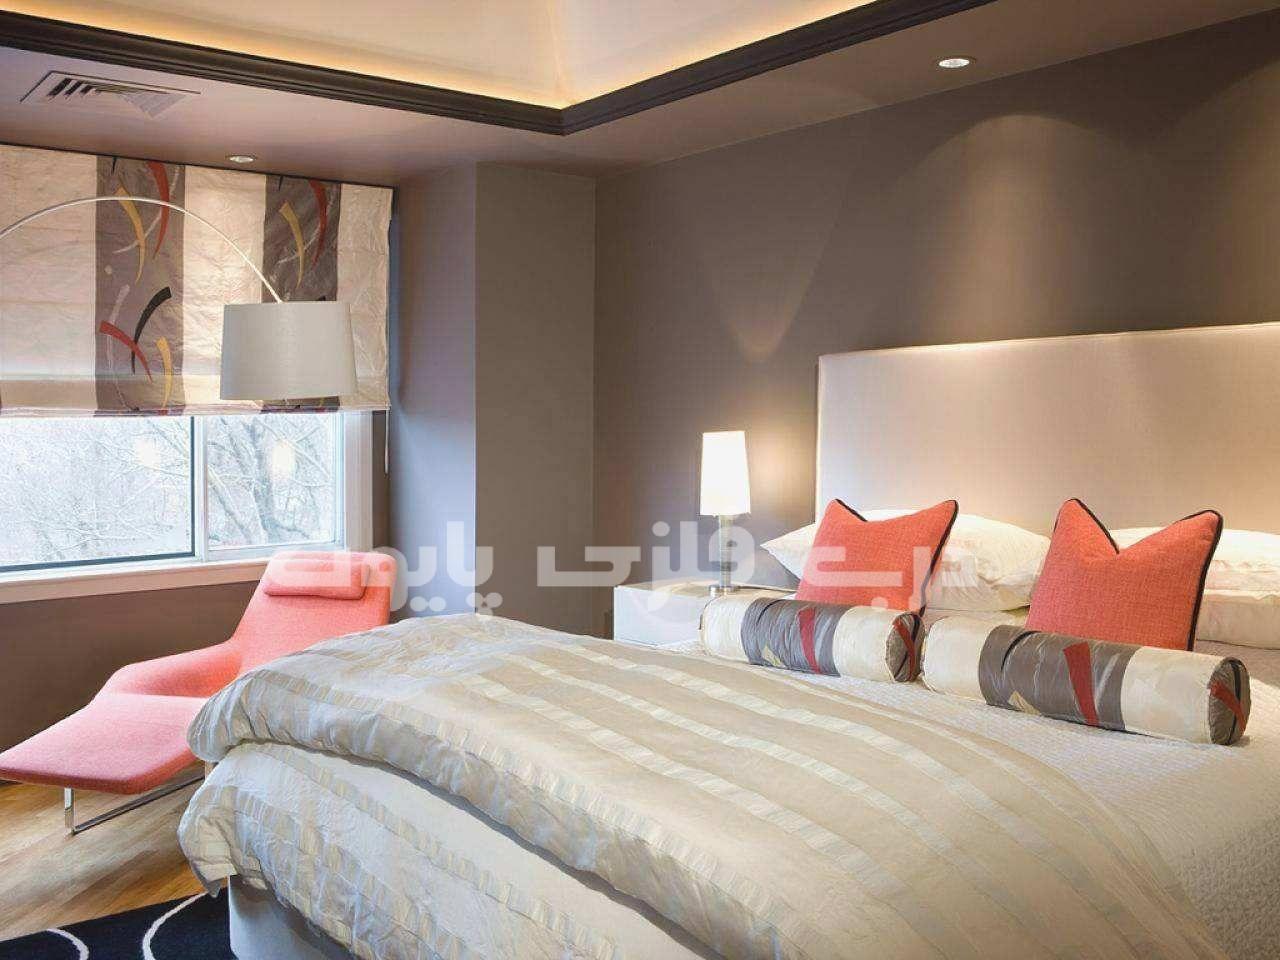 ترکیب رنگ مرجانی با رنگ کرم یا بژ در دکوراسیون منزل